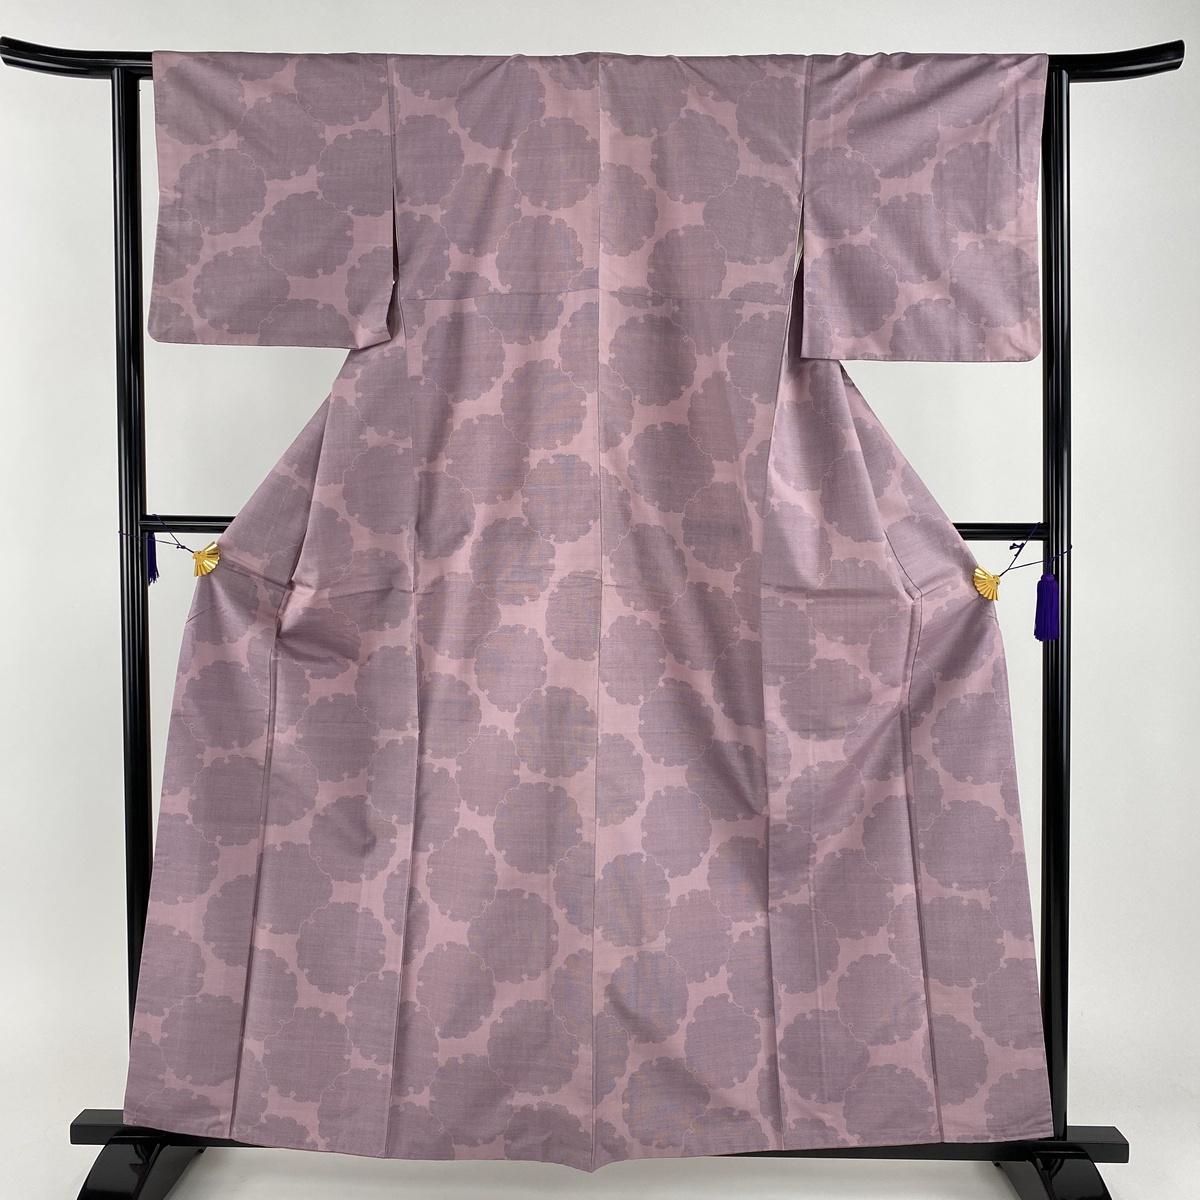 紬 美品 秀品 雪輪 薄紫 袷 身丈160cm 裄丈63cm S 正絹 【中古】